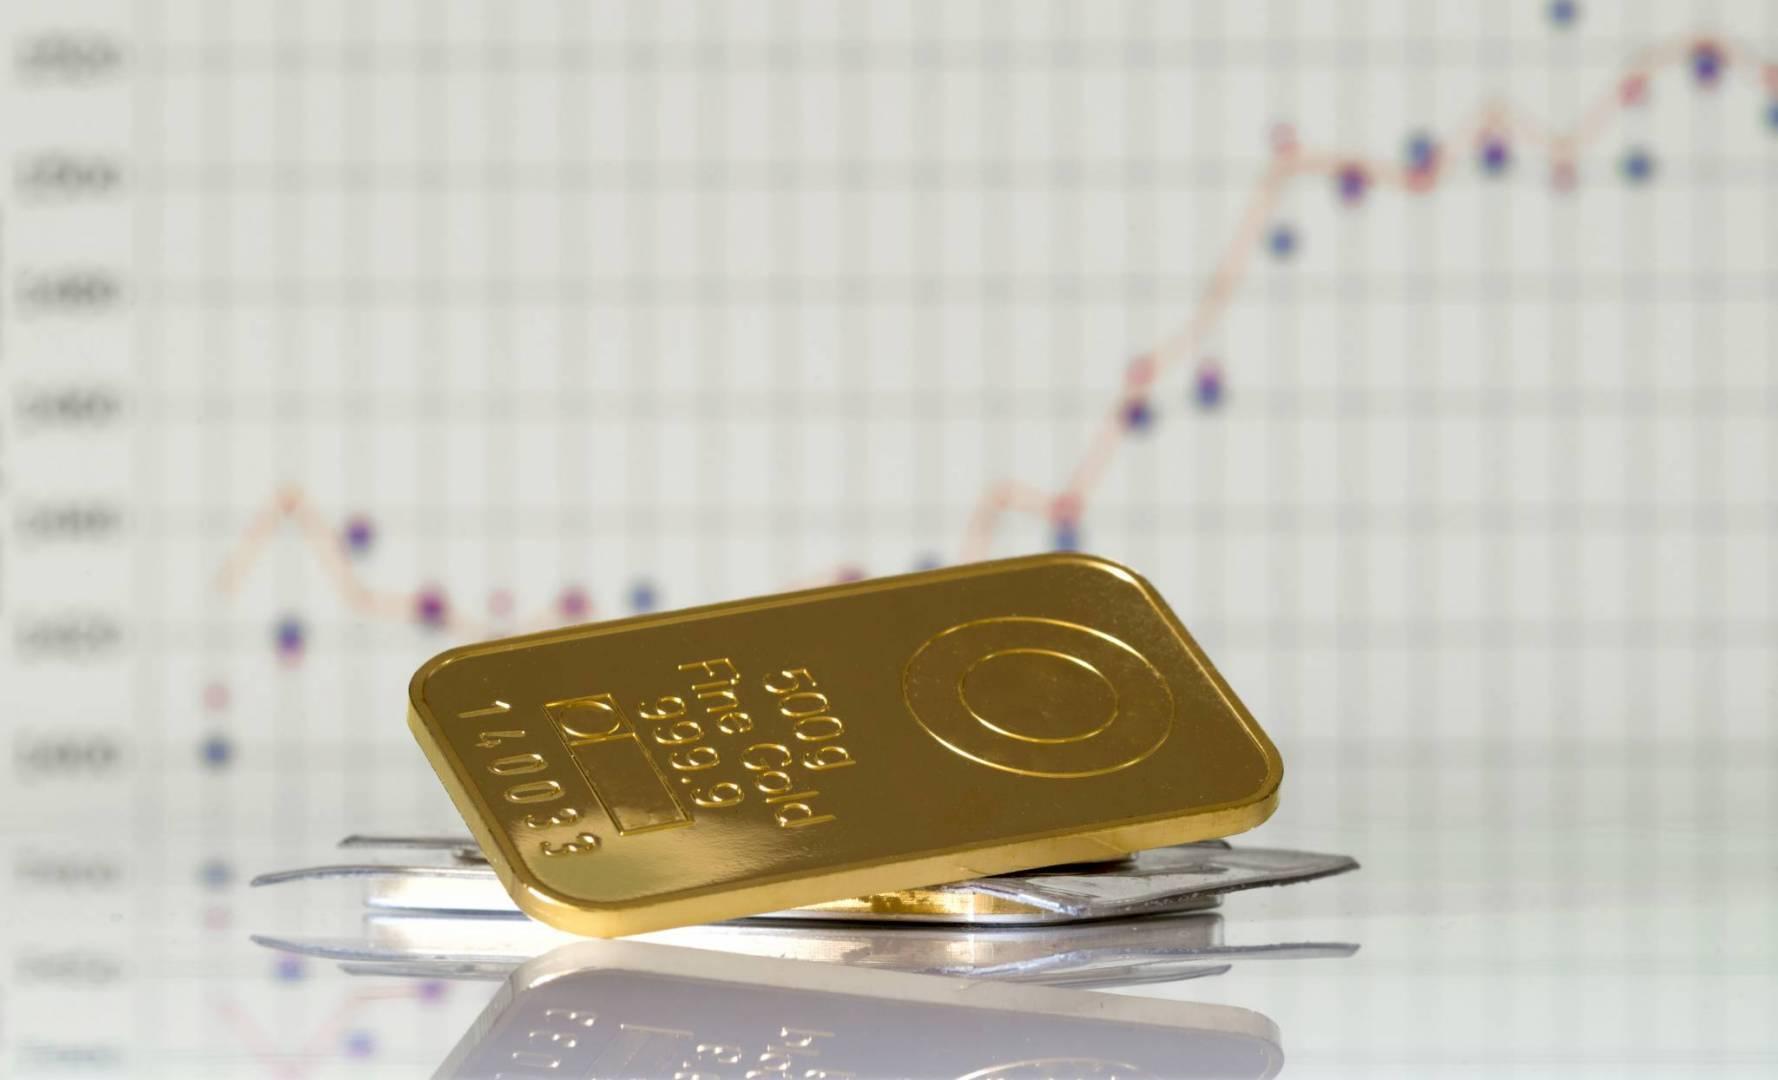 الذهب مستقر وأنظار السوق على نتائج اجتماع المركزي الأميركي